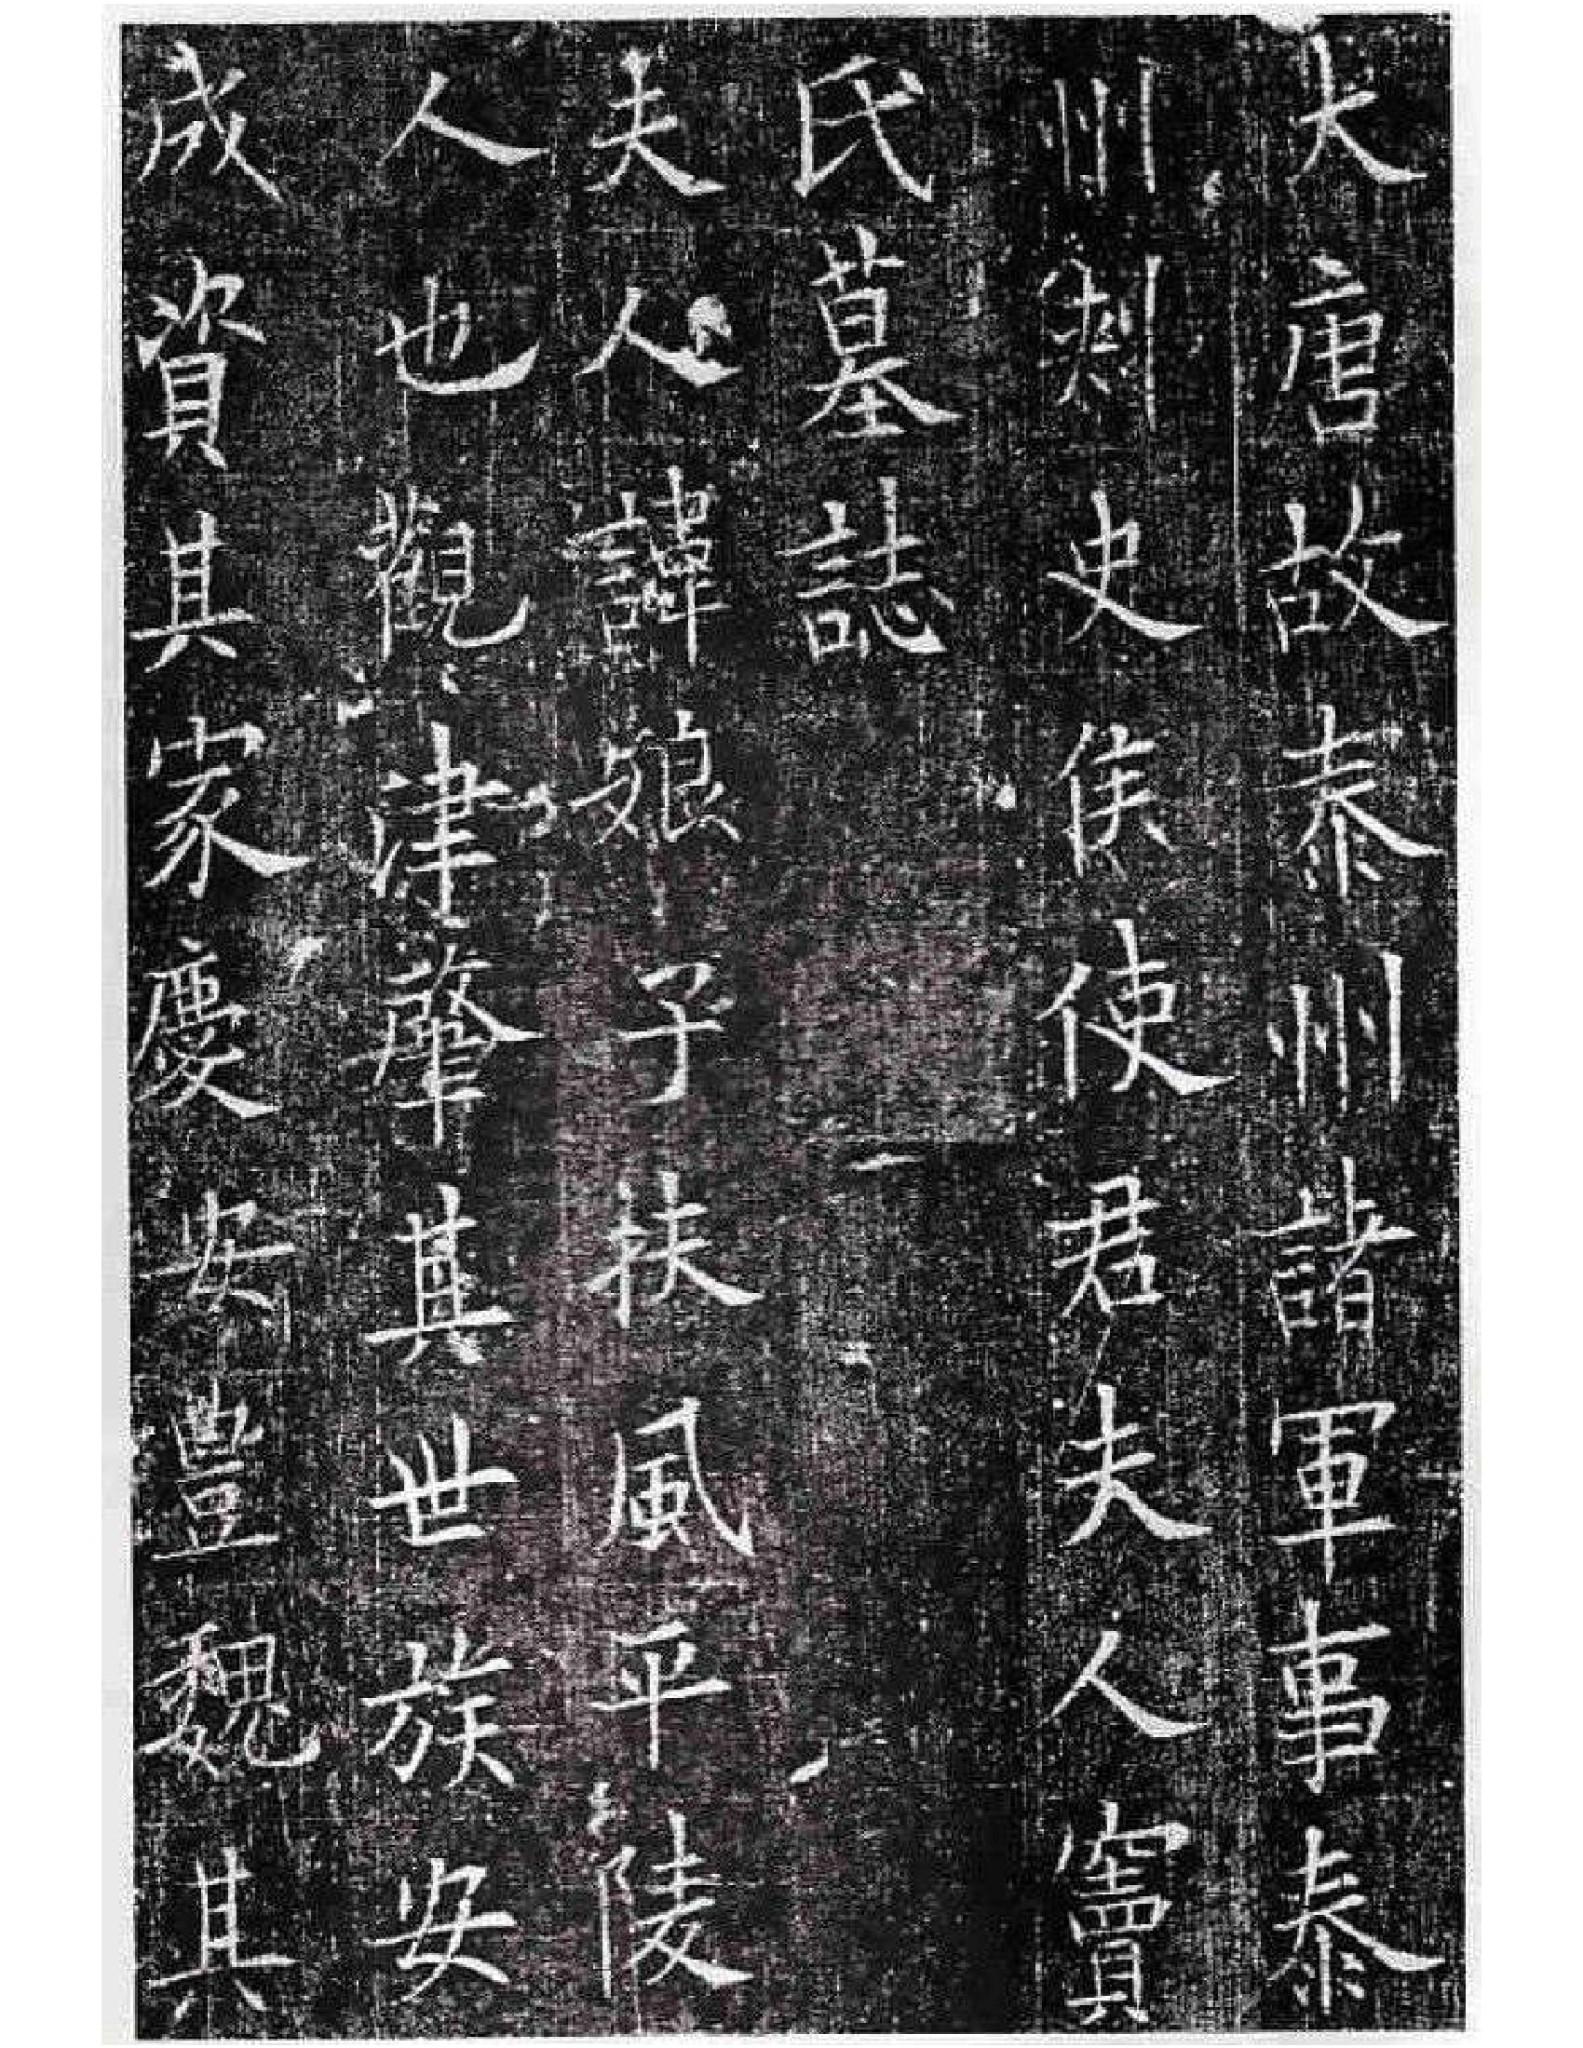 Âu Dương Tuân (Đậu Nương Tử Mộ) - 欧阳询《窦娘子墓》